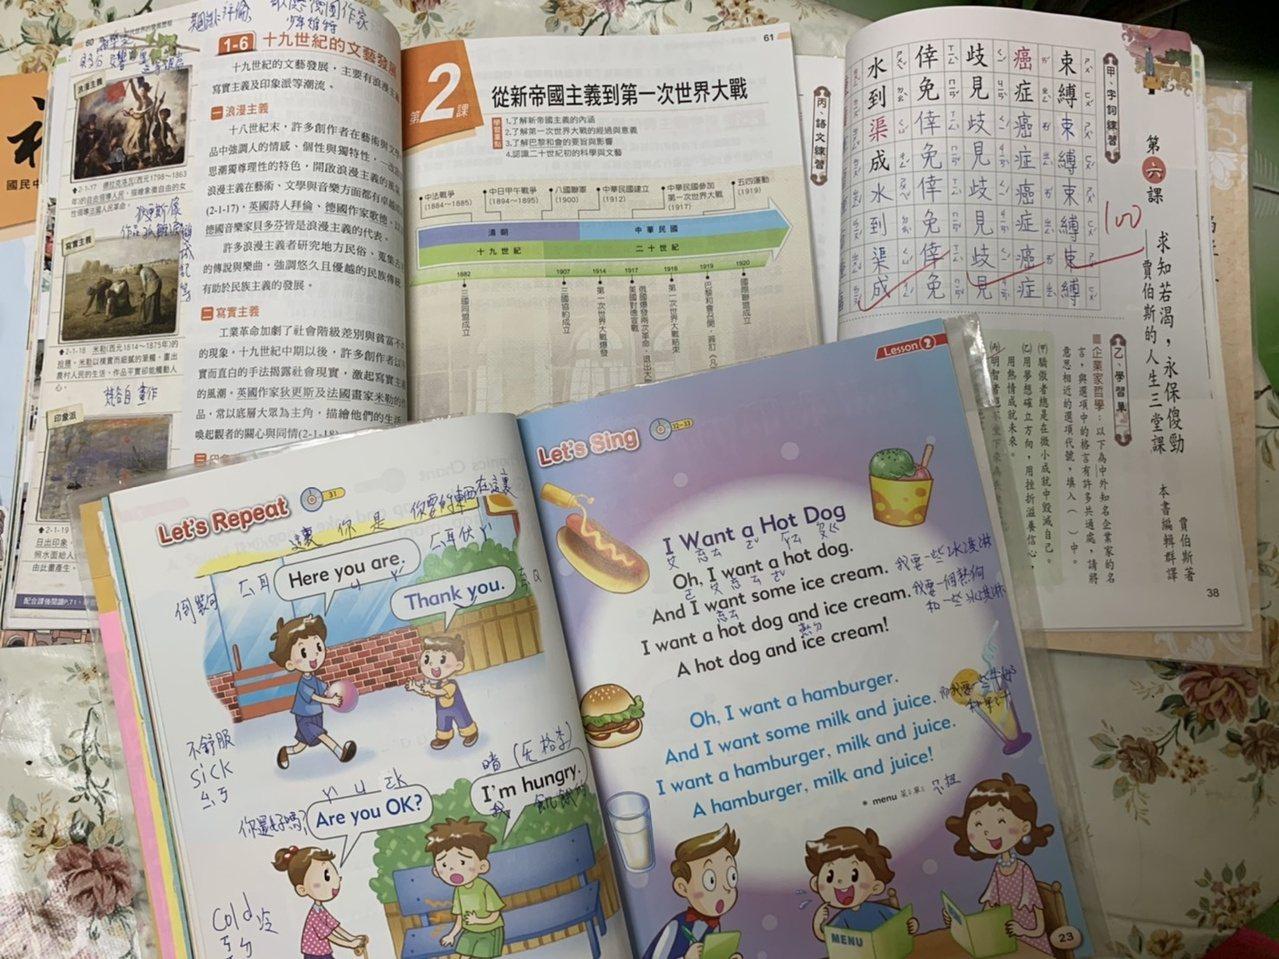 陳何月雲的課本滿滿筆記,記不起英語發音,她就用注音符號標示。 圖/趙宥寧 攝影